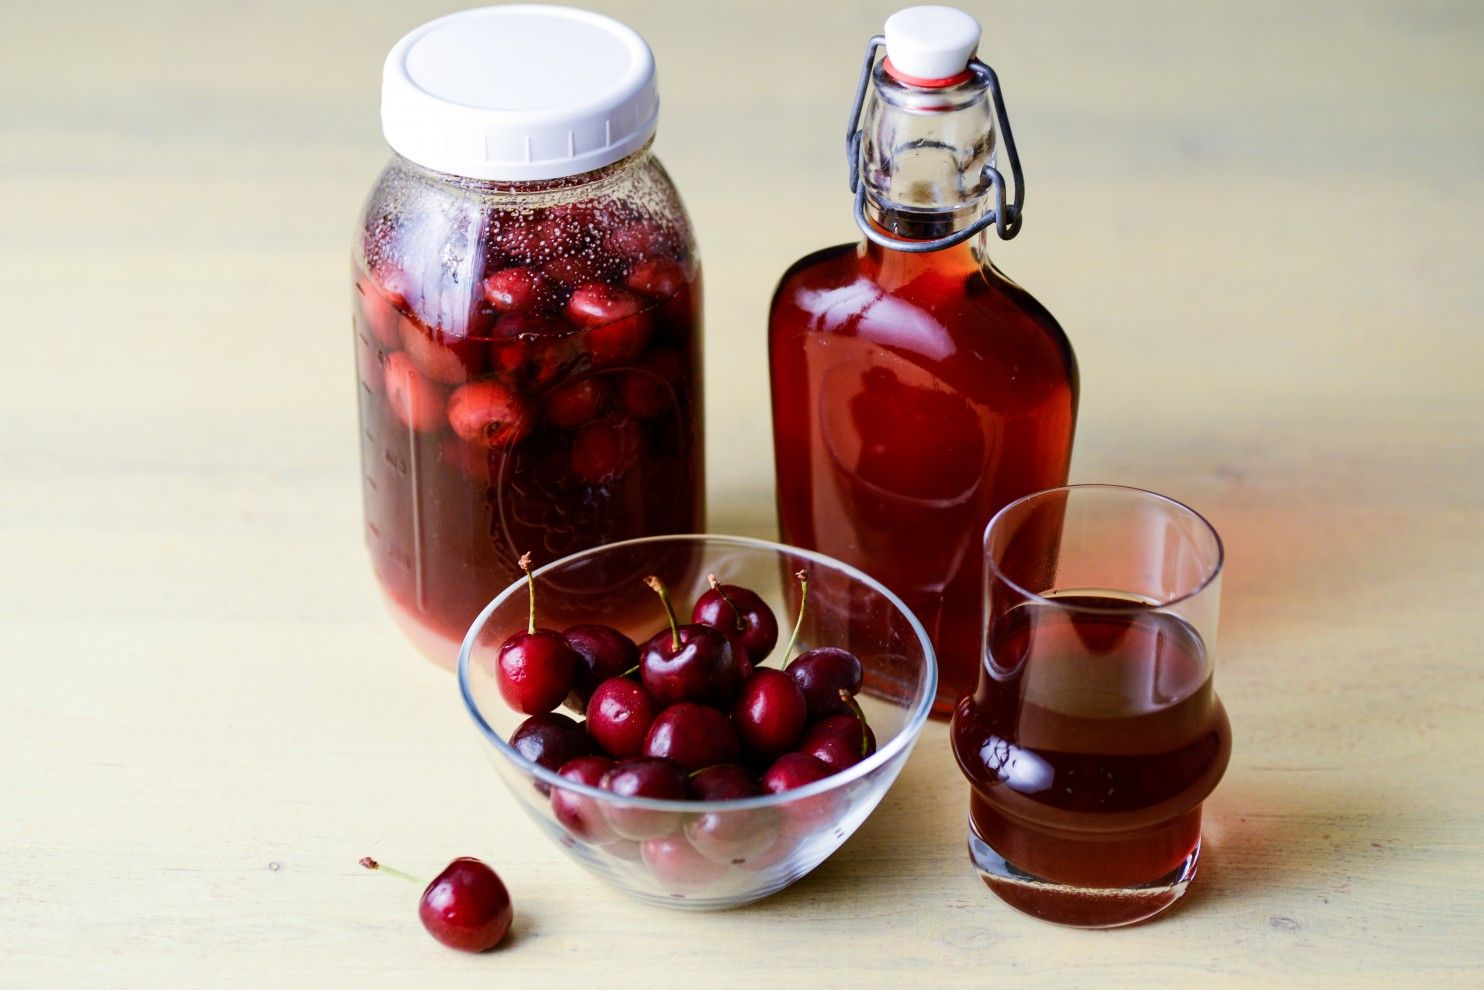 Pouring cherries. Cherry Liqueur Recipes 68